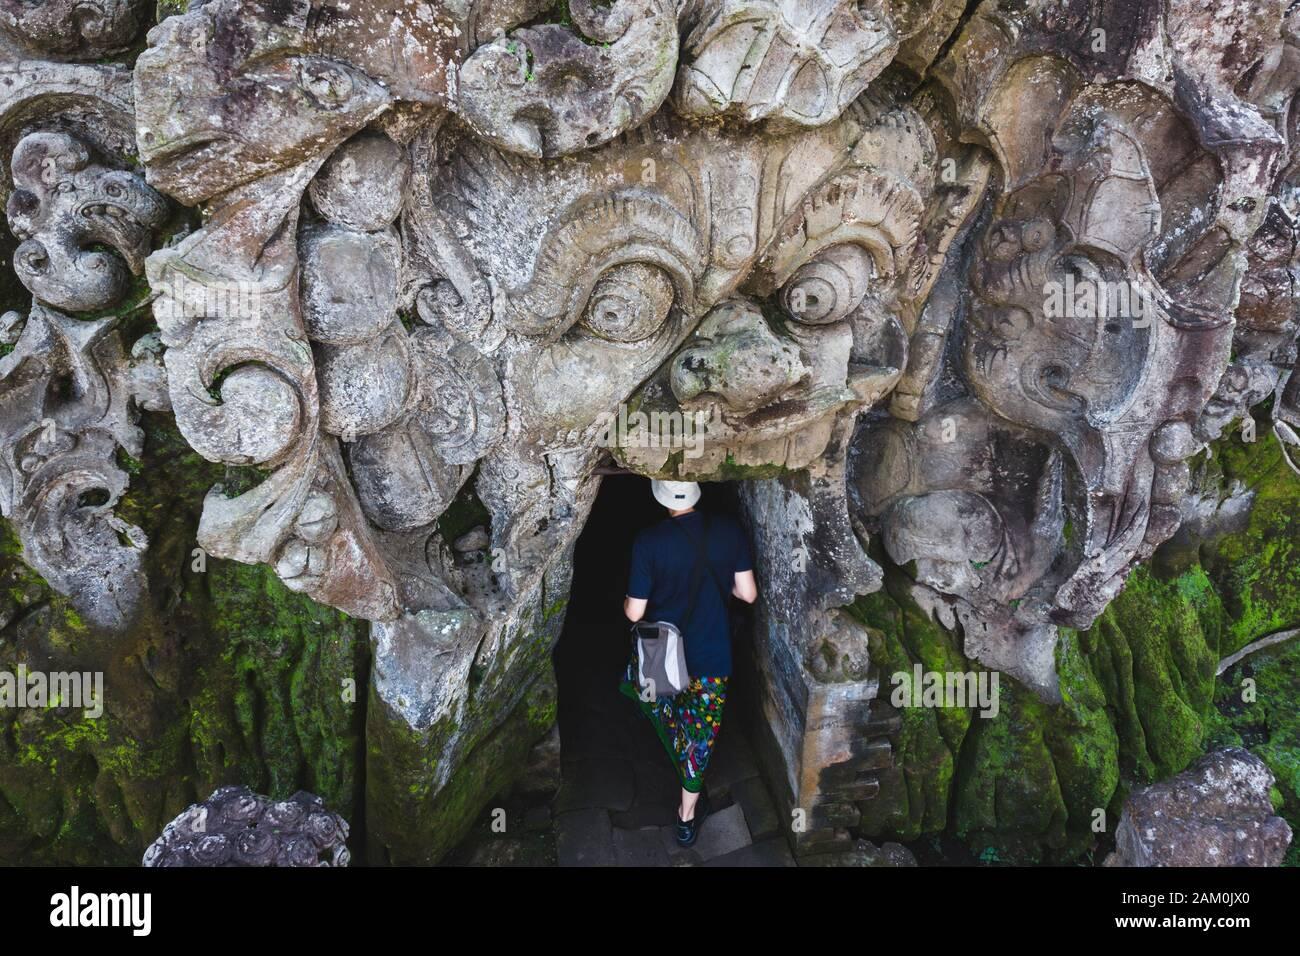 Blick auf Touristen, die in den alten Tempel der Goa Gajah Elephant Cave in Ubud, Bali, Indonesien, eindringen. Stockfoto